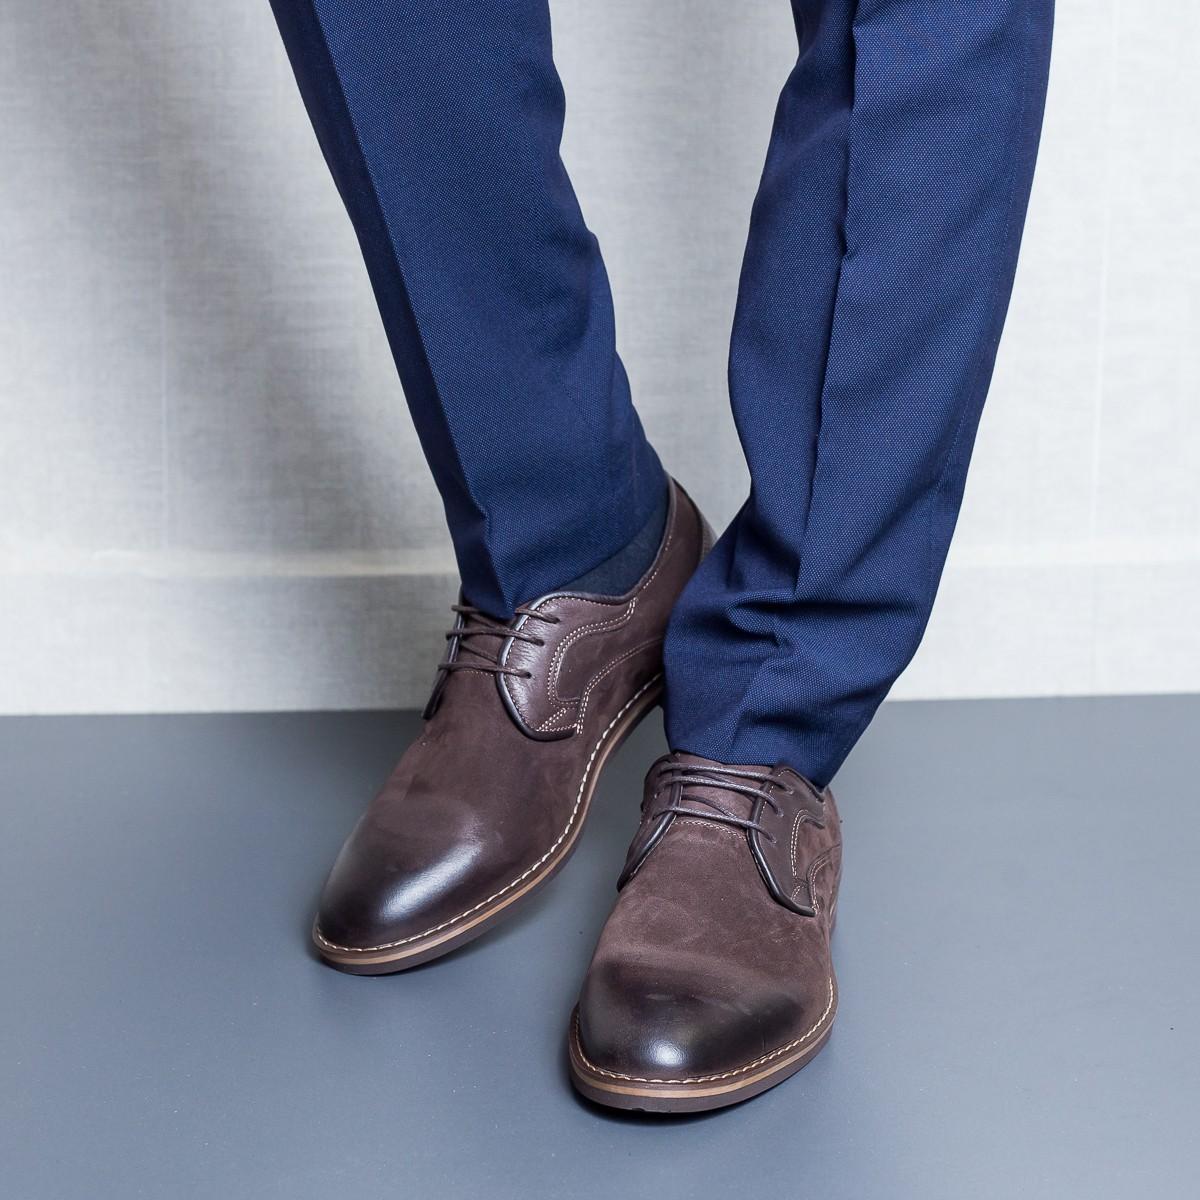 Pantofi de piele pentru barbati: tu ce model alegi? Casual sau de ceremonie?